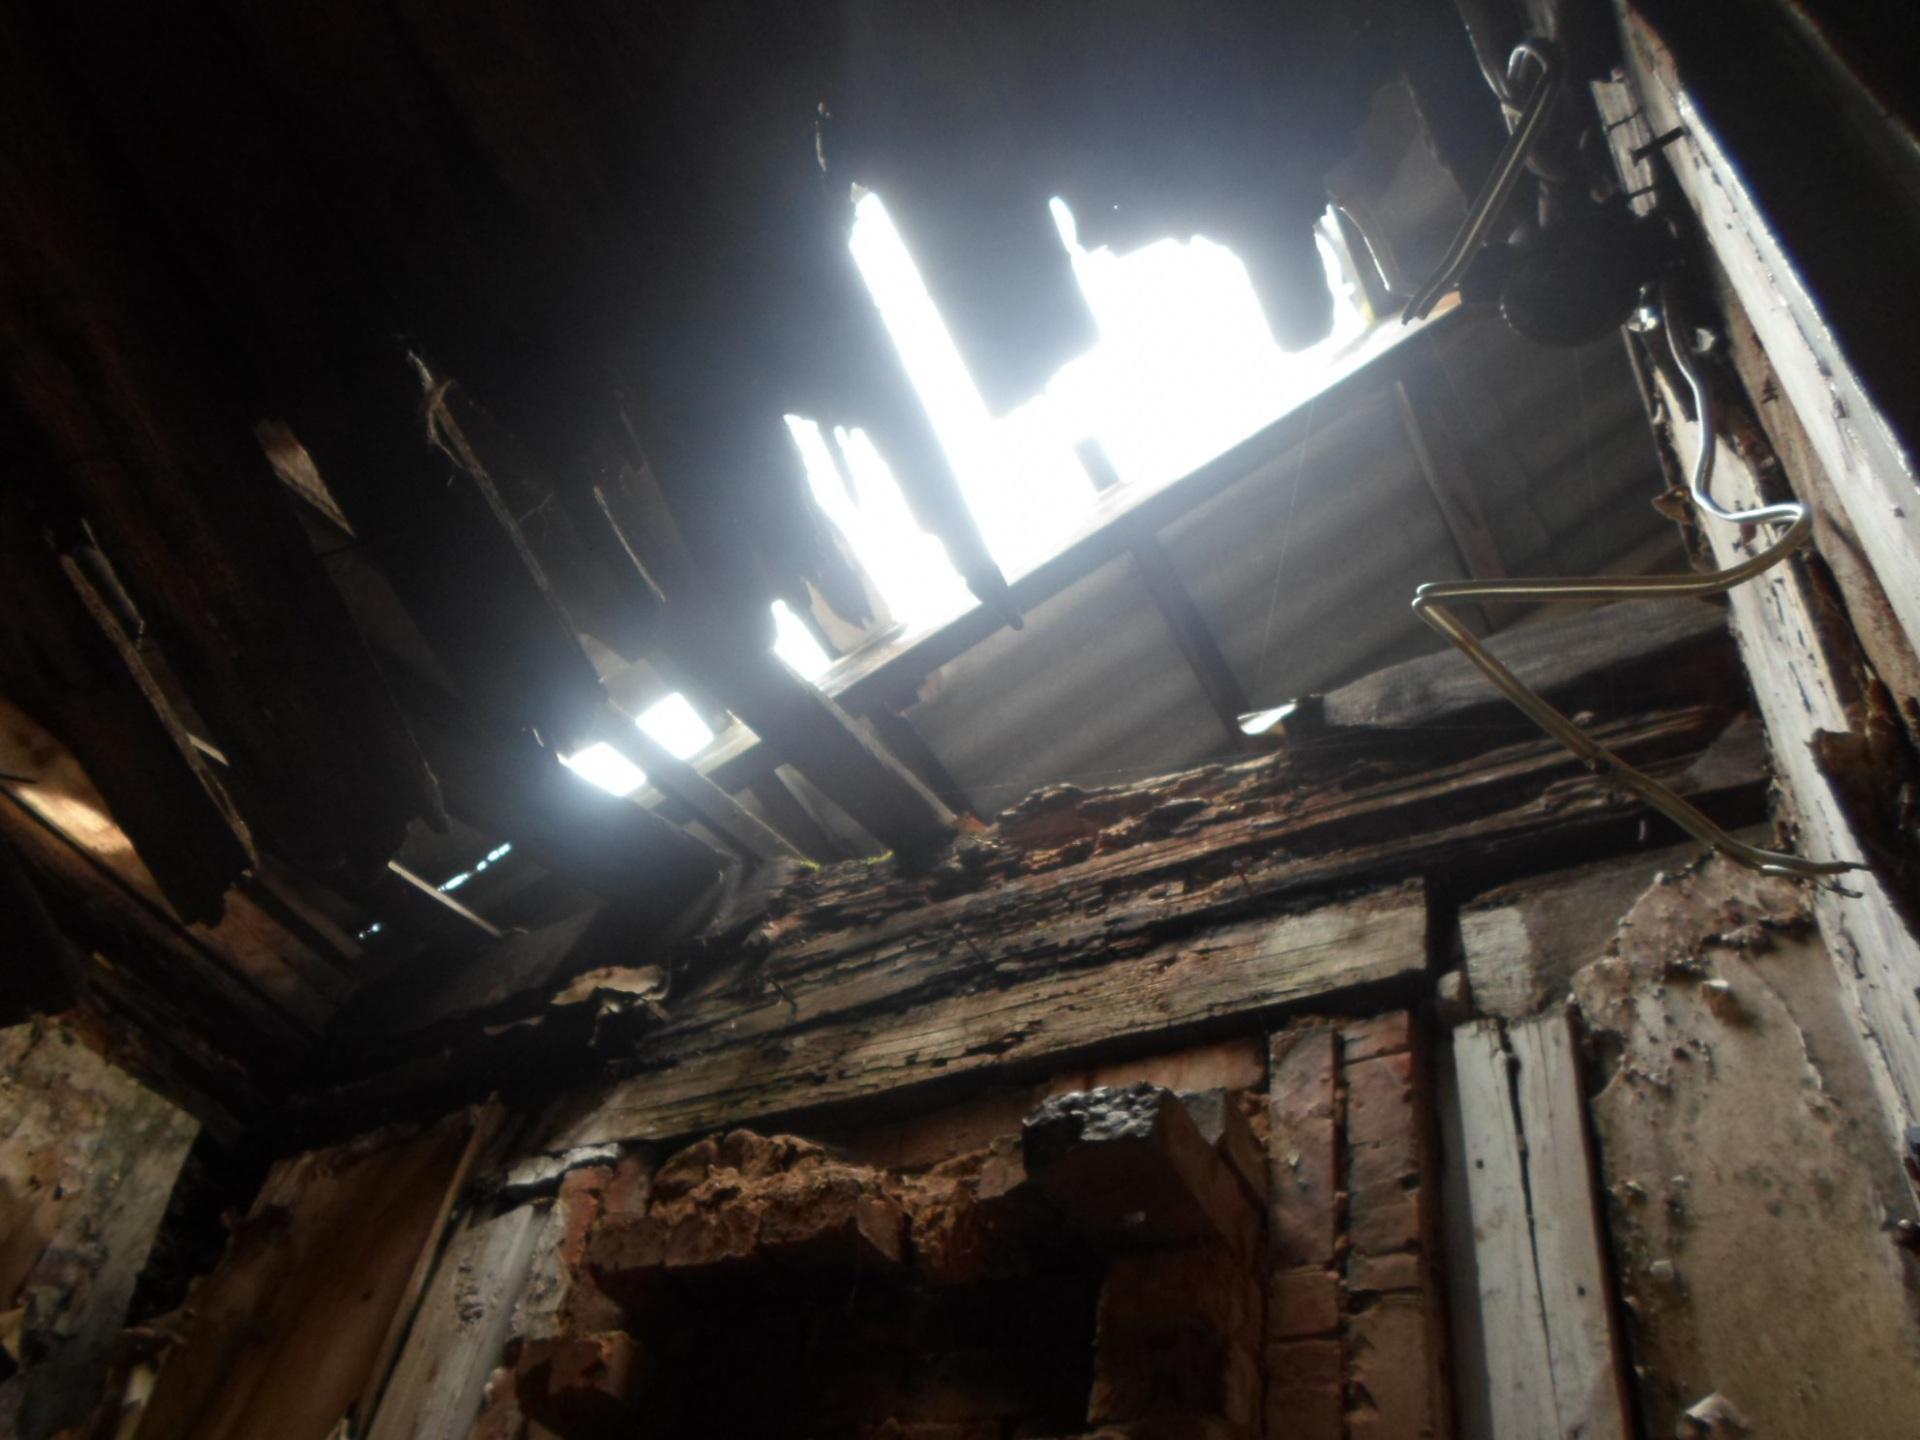 Жильцы двухэтажки в Важгорте Удорского района выживают в своей